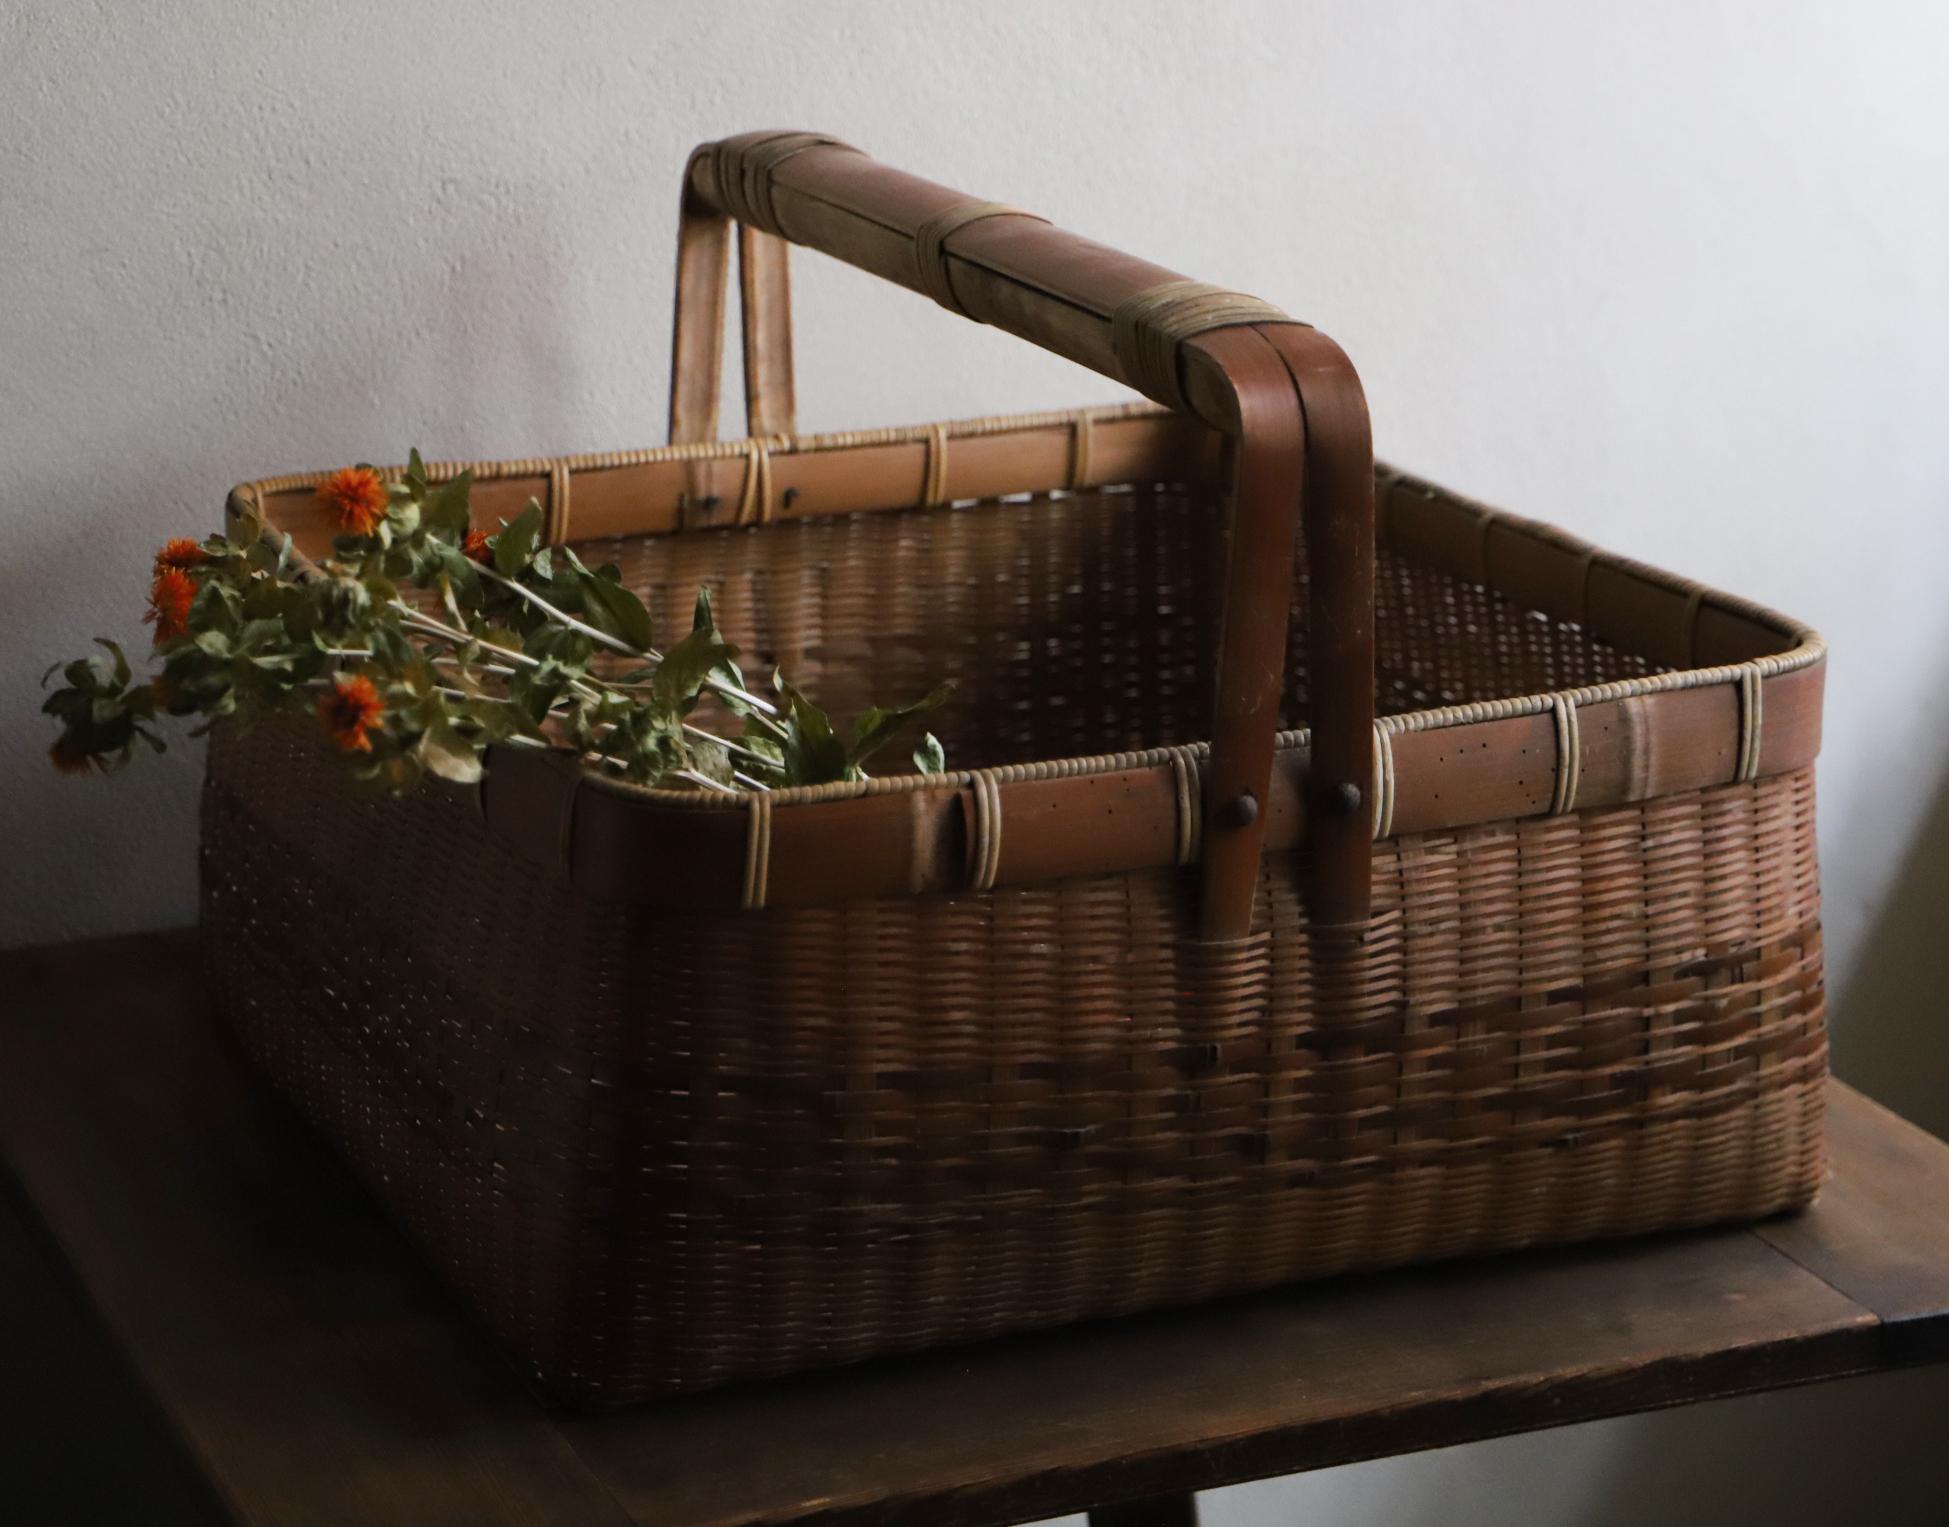 大きな竹編みのバスケット、持ち手付き籠(カゴ)